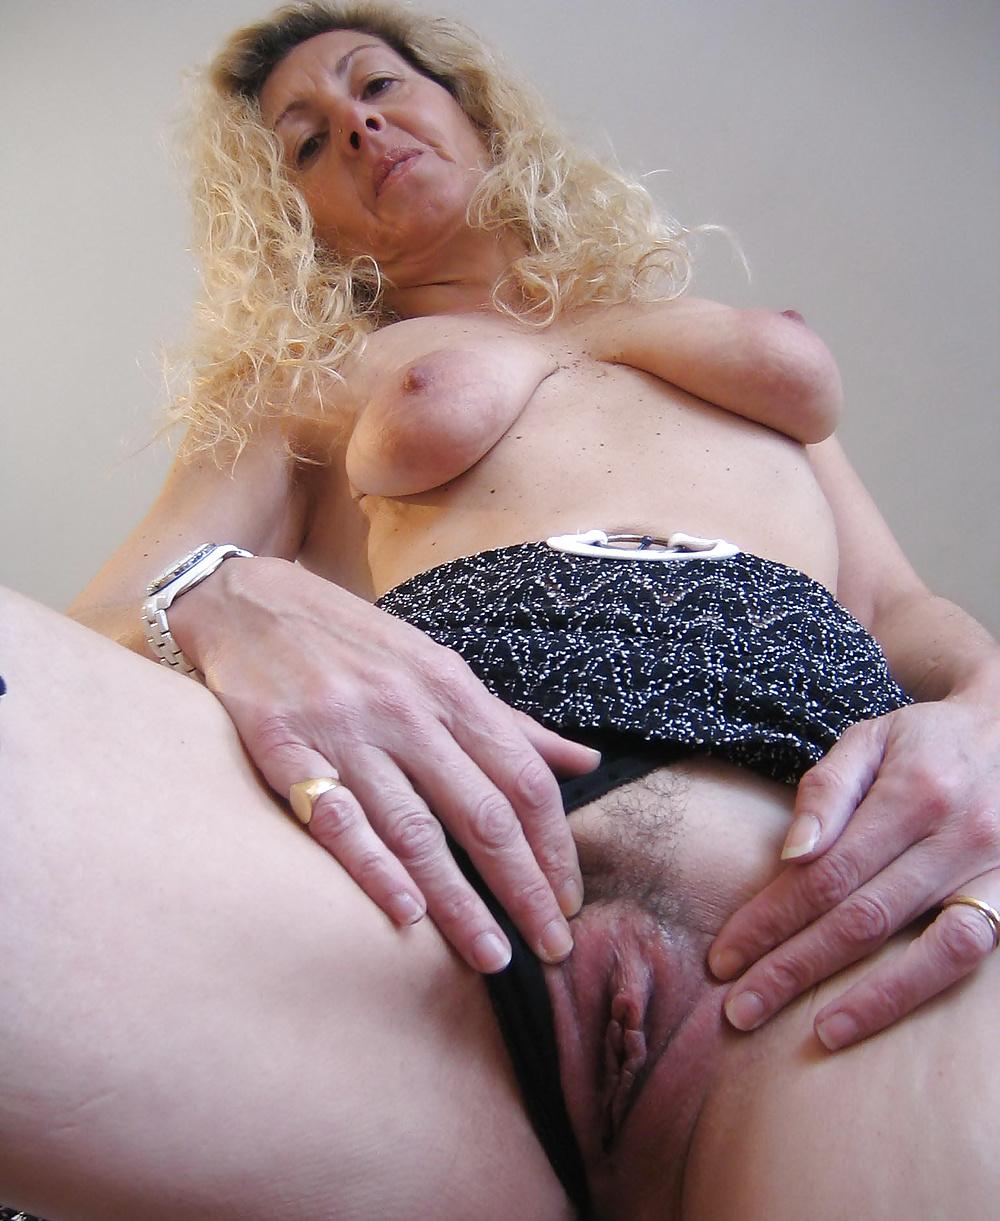 павла семён порно фото зрелых с обвисшим клитором как являетесь фаном